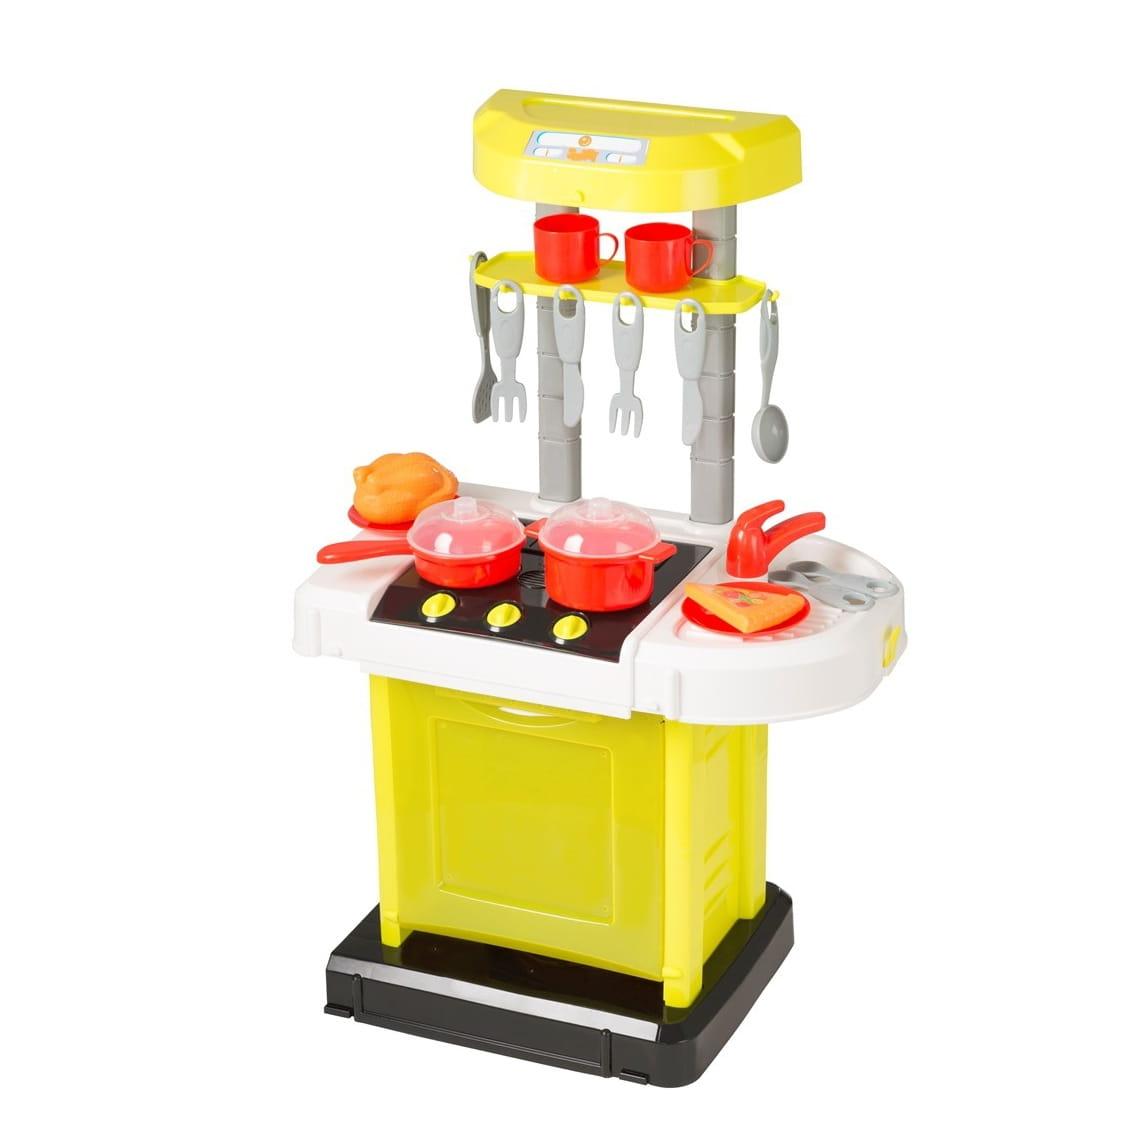 Электронная кухня Smart со звуковыми эффектами (HTI) - Детские кухни